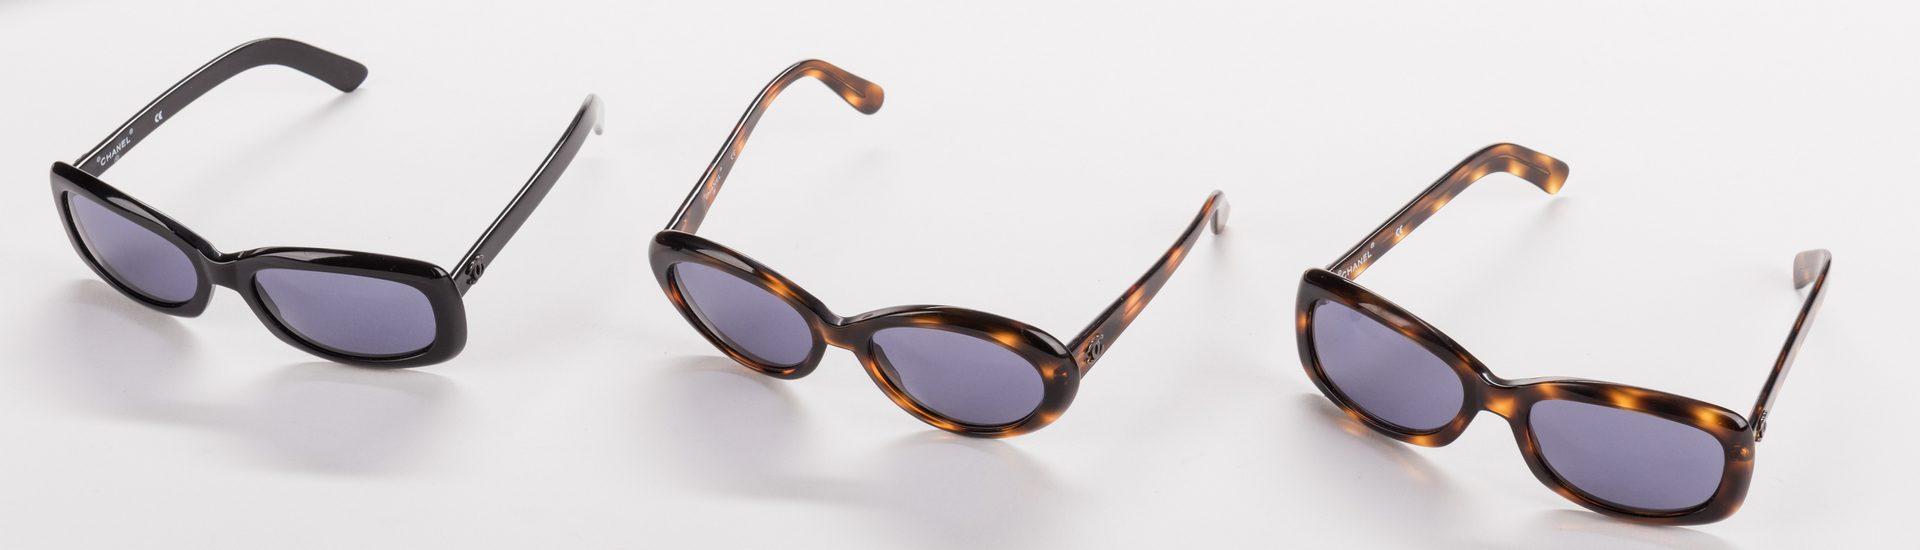 Lot 837: 5 Pairs of Designer Sunglasses, inc. Prada, Chanel